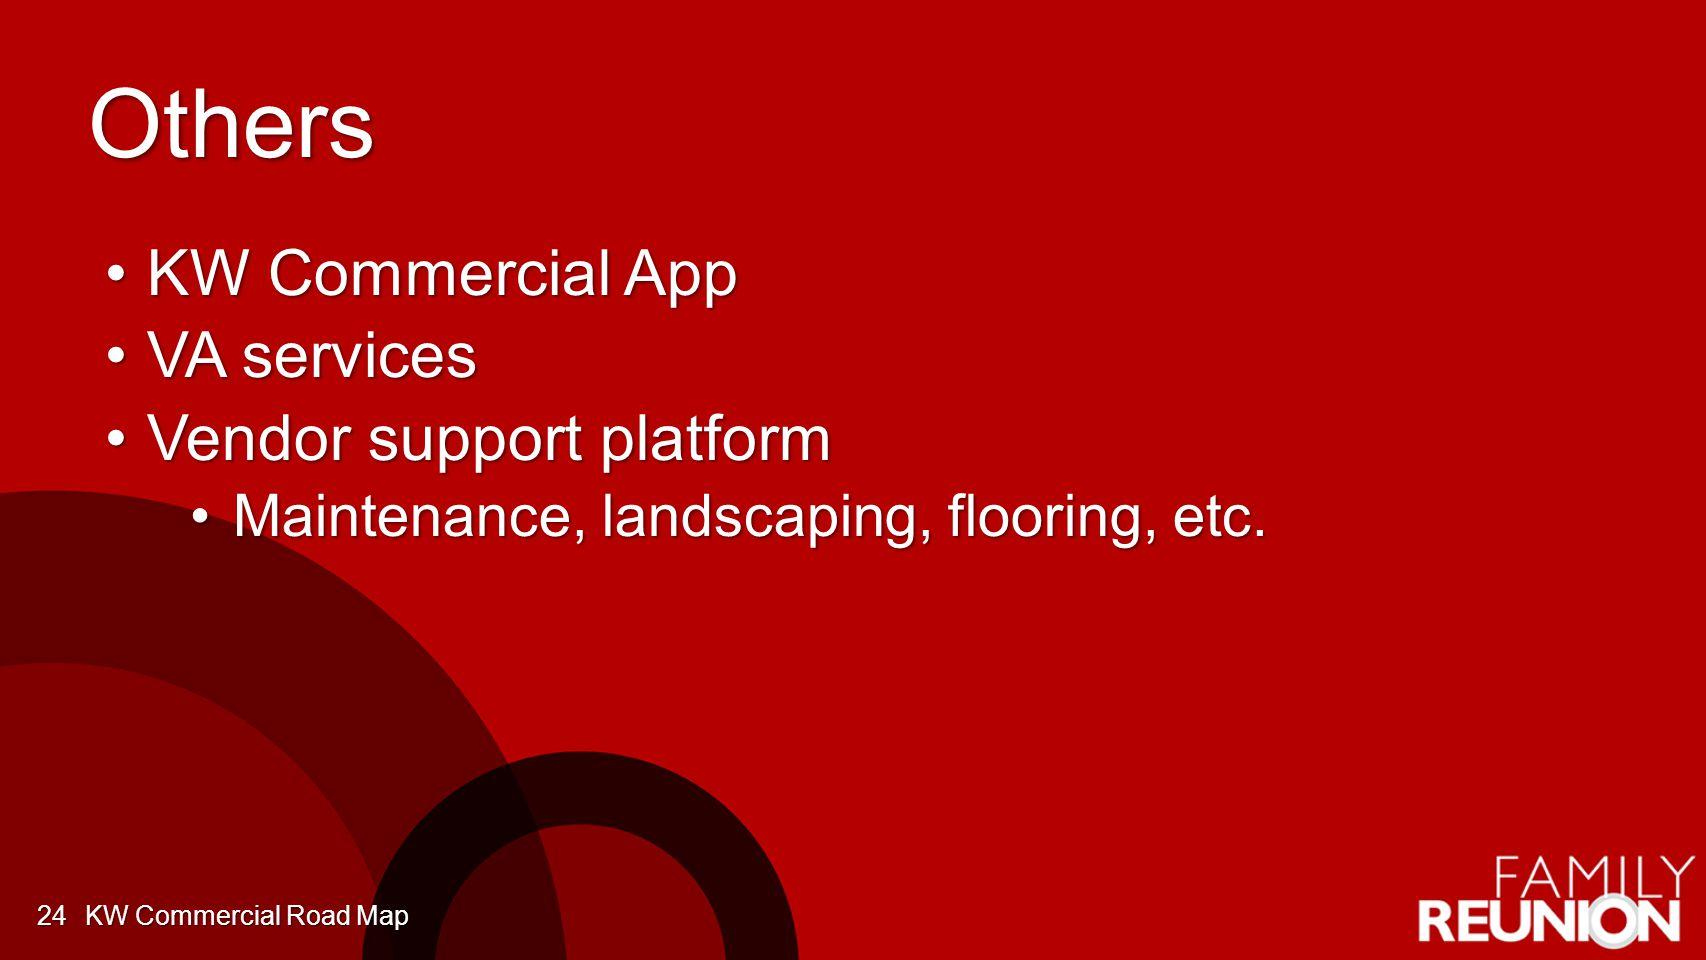 Others KW Commercial AppKW Commercial App VA servicesVA services Vendor support platformVendor support platform Maintenance, landscaping, flooring, etc.Maintenance, landscaping, flooring, etc.